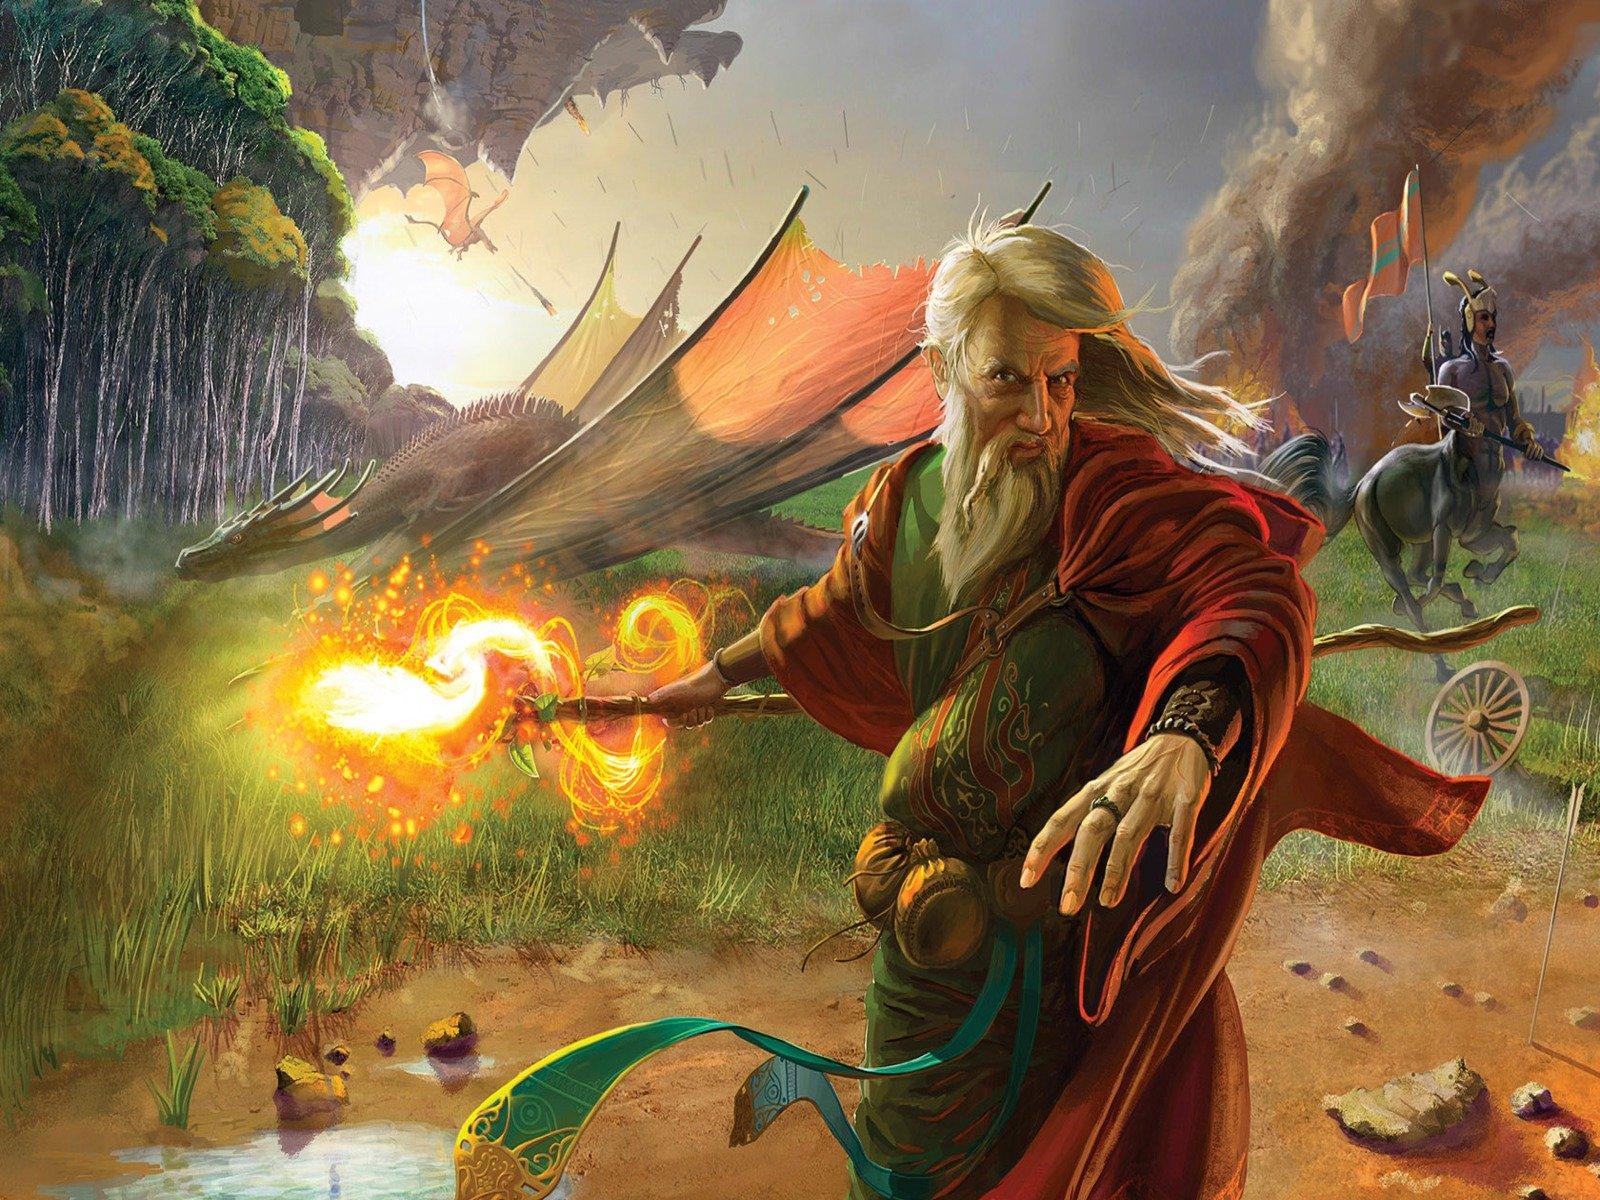 владельцы недорогих маги с игр картинки работе использовал болгарку